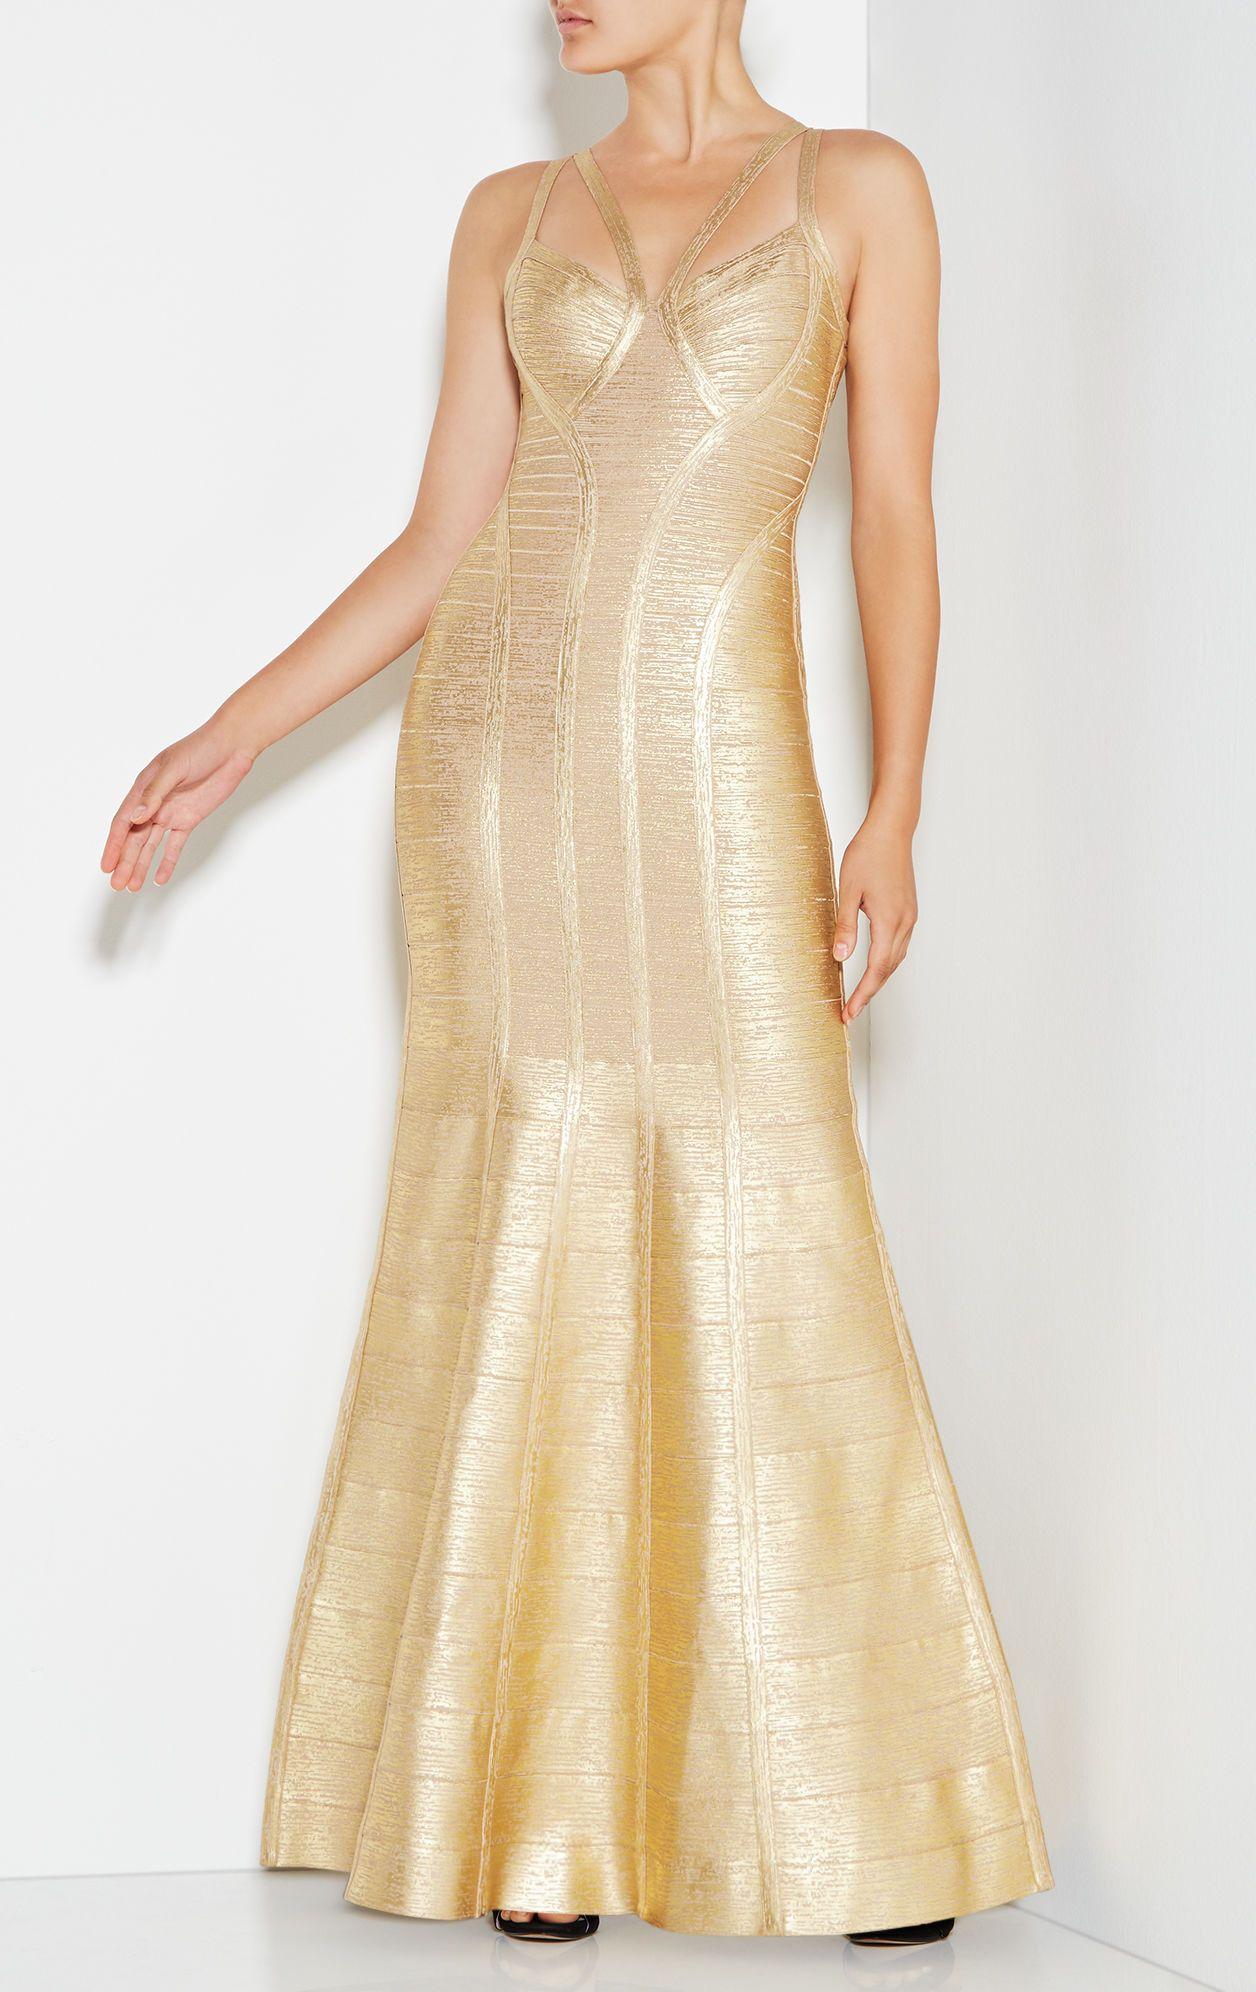 Gold Herve Leger Long Gold Bandage Dresses Herve Leger Long